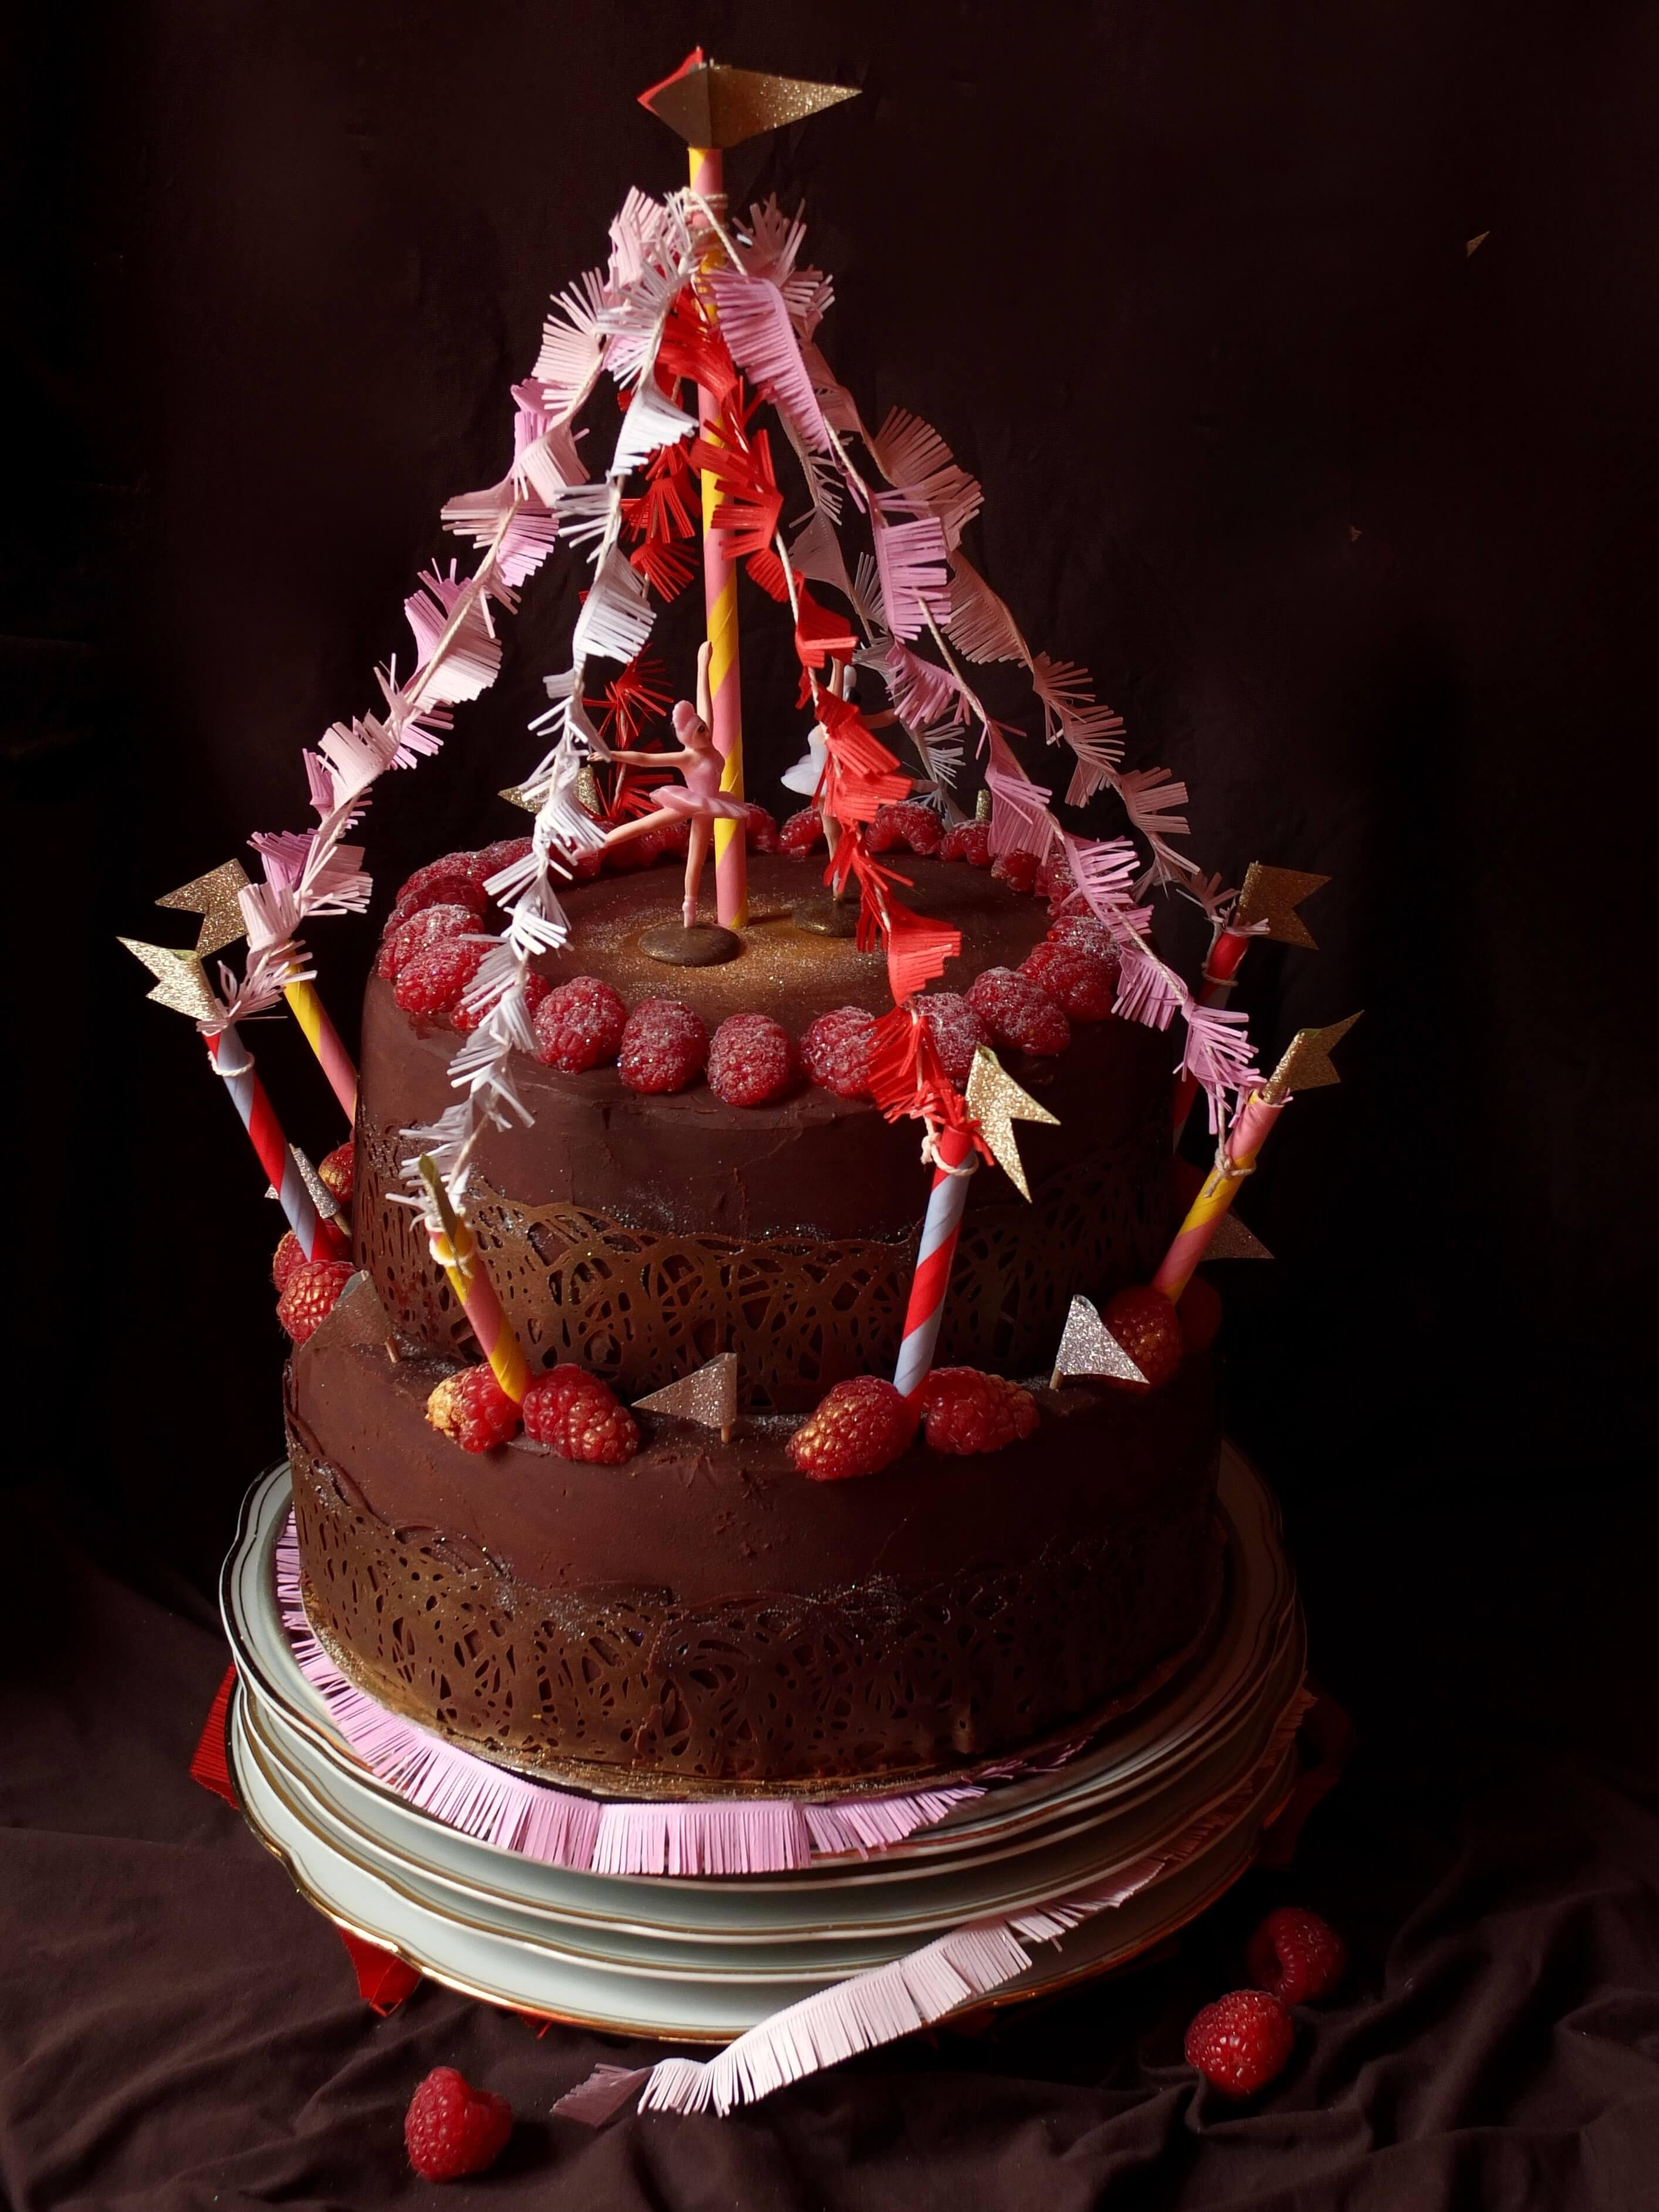 Zirkustorte mit Brownieböden, Waldbeermousse und Ganache - La Crema Patisserie Foodblog Backblog